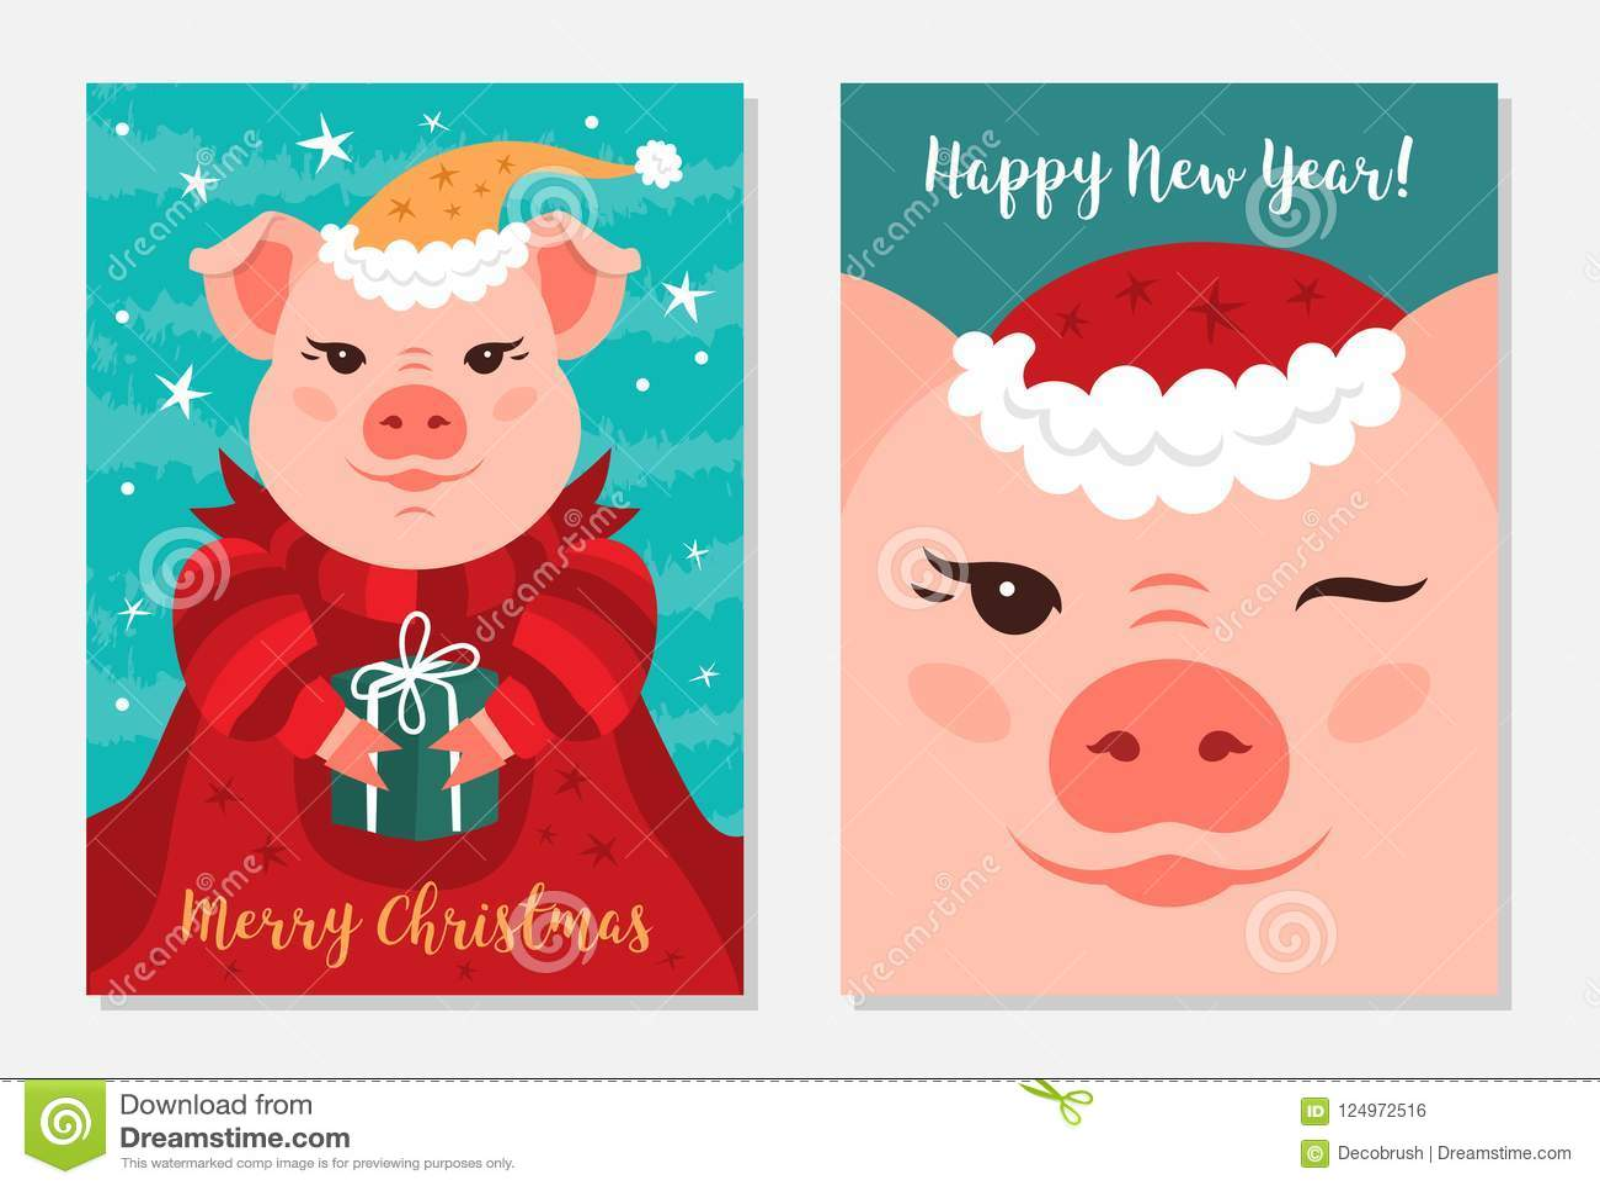 Immagini Divertenti Natale 2019.Buon Natale Maiali Di Natale Delle Cartoline D Auguri